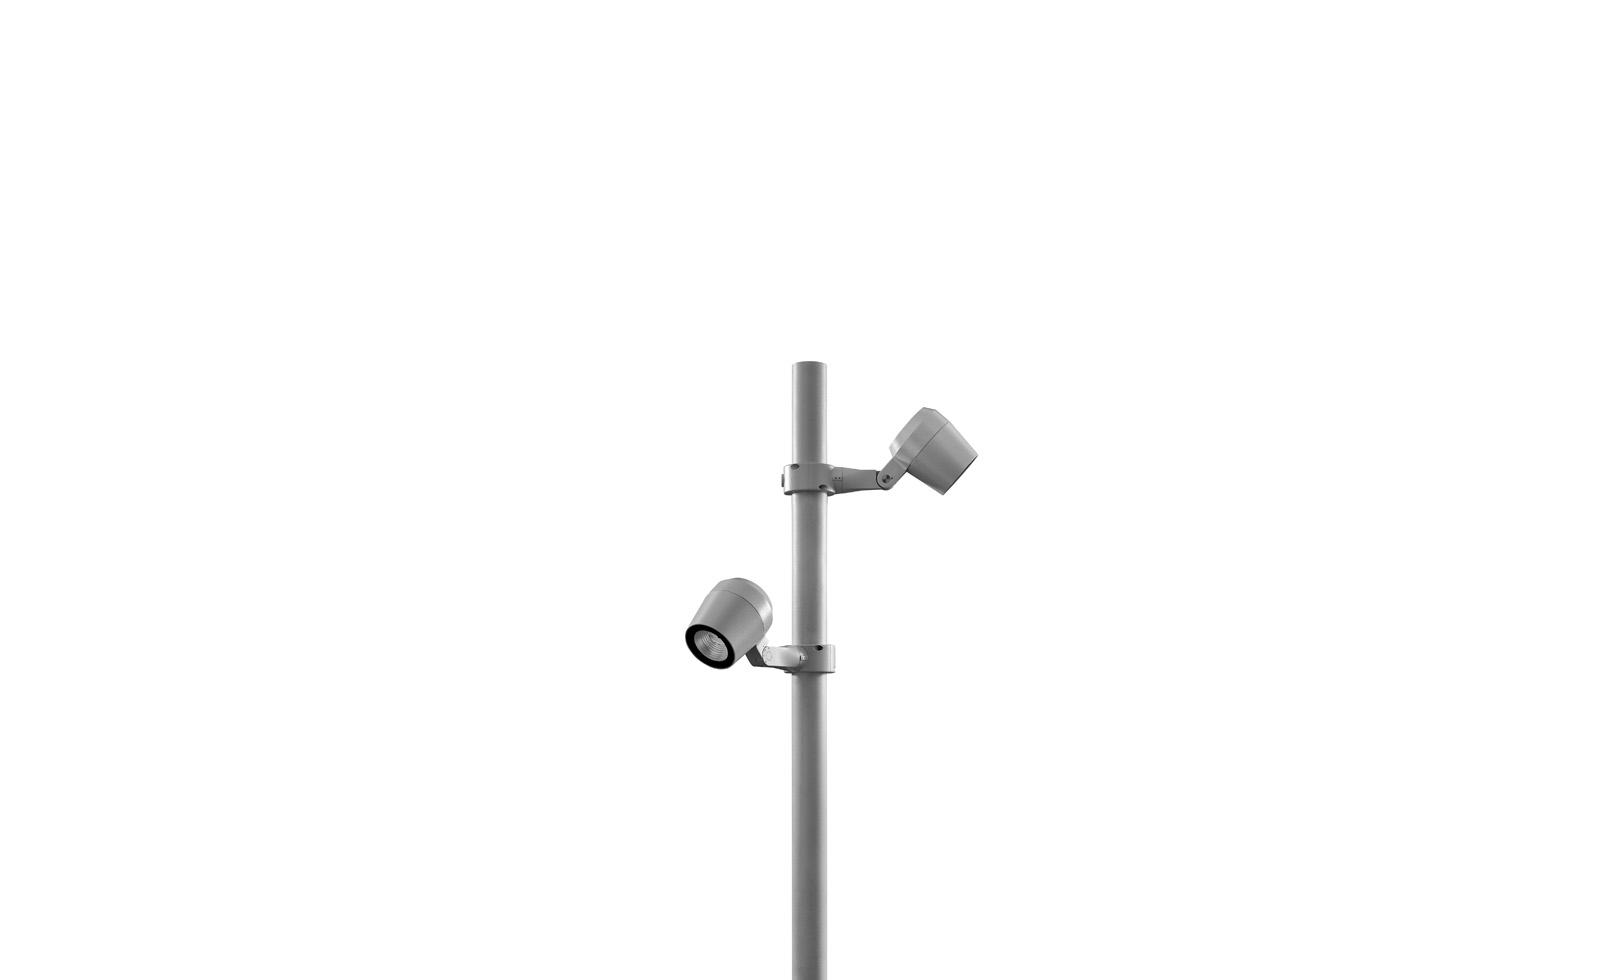 807002-807005 RING POLE MEDIUM LED 3